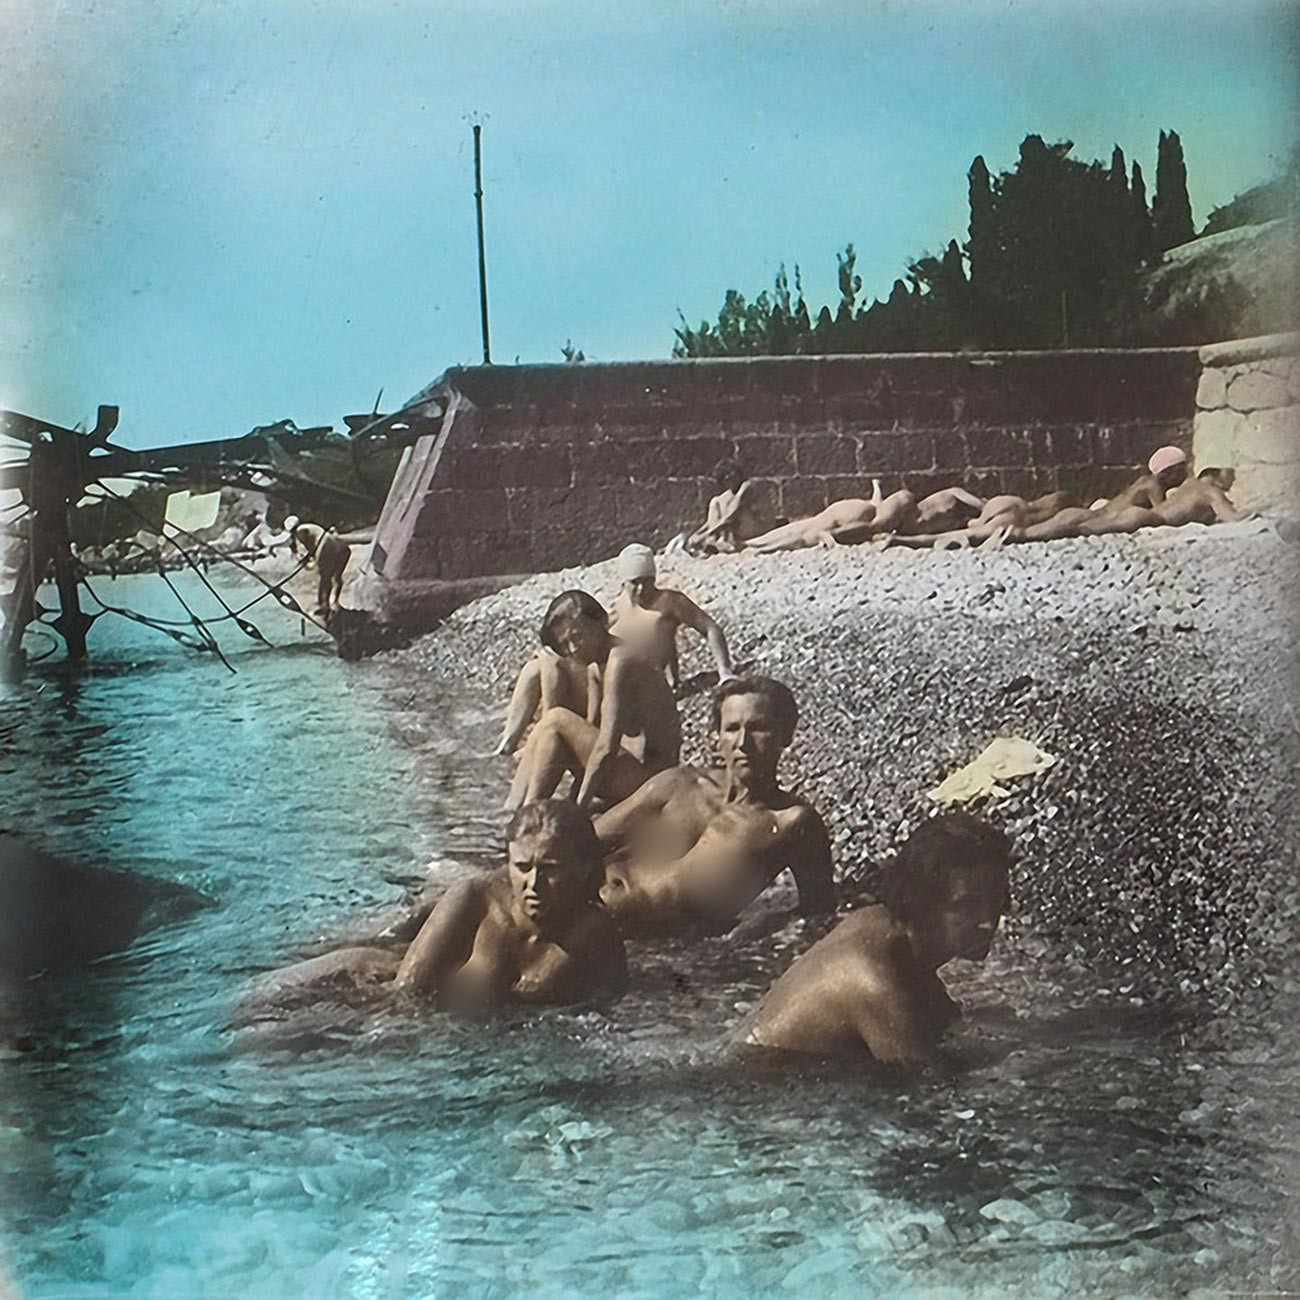 裸の労働者とコルホーズ労働者、クリミアにて。1931年